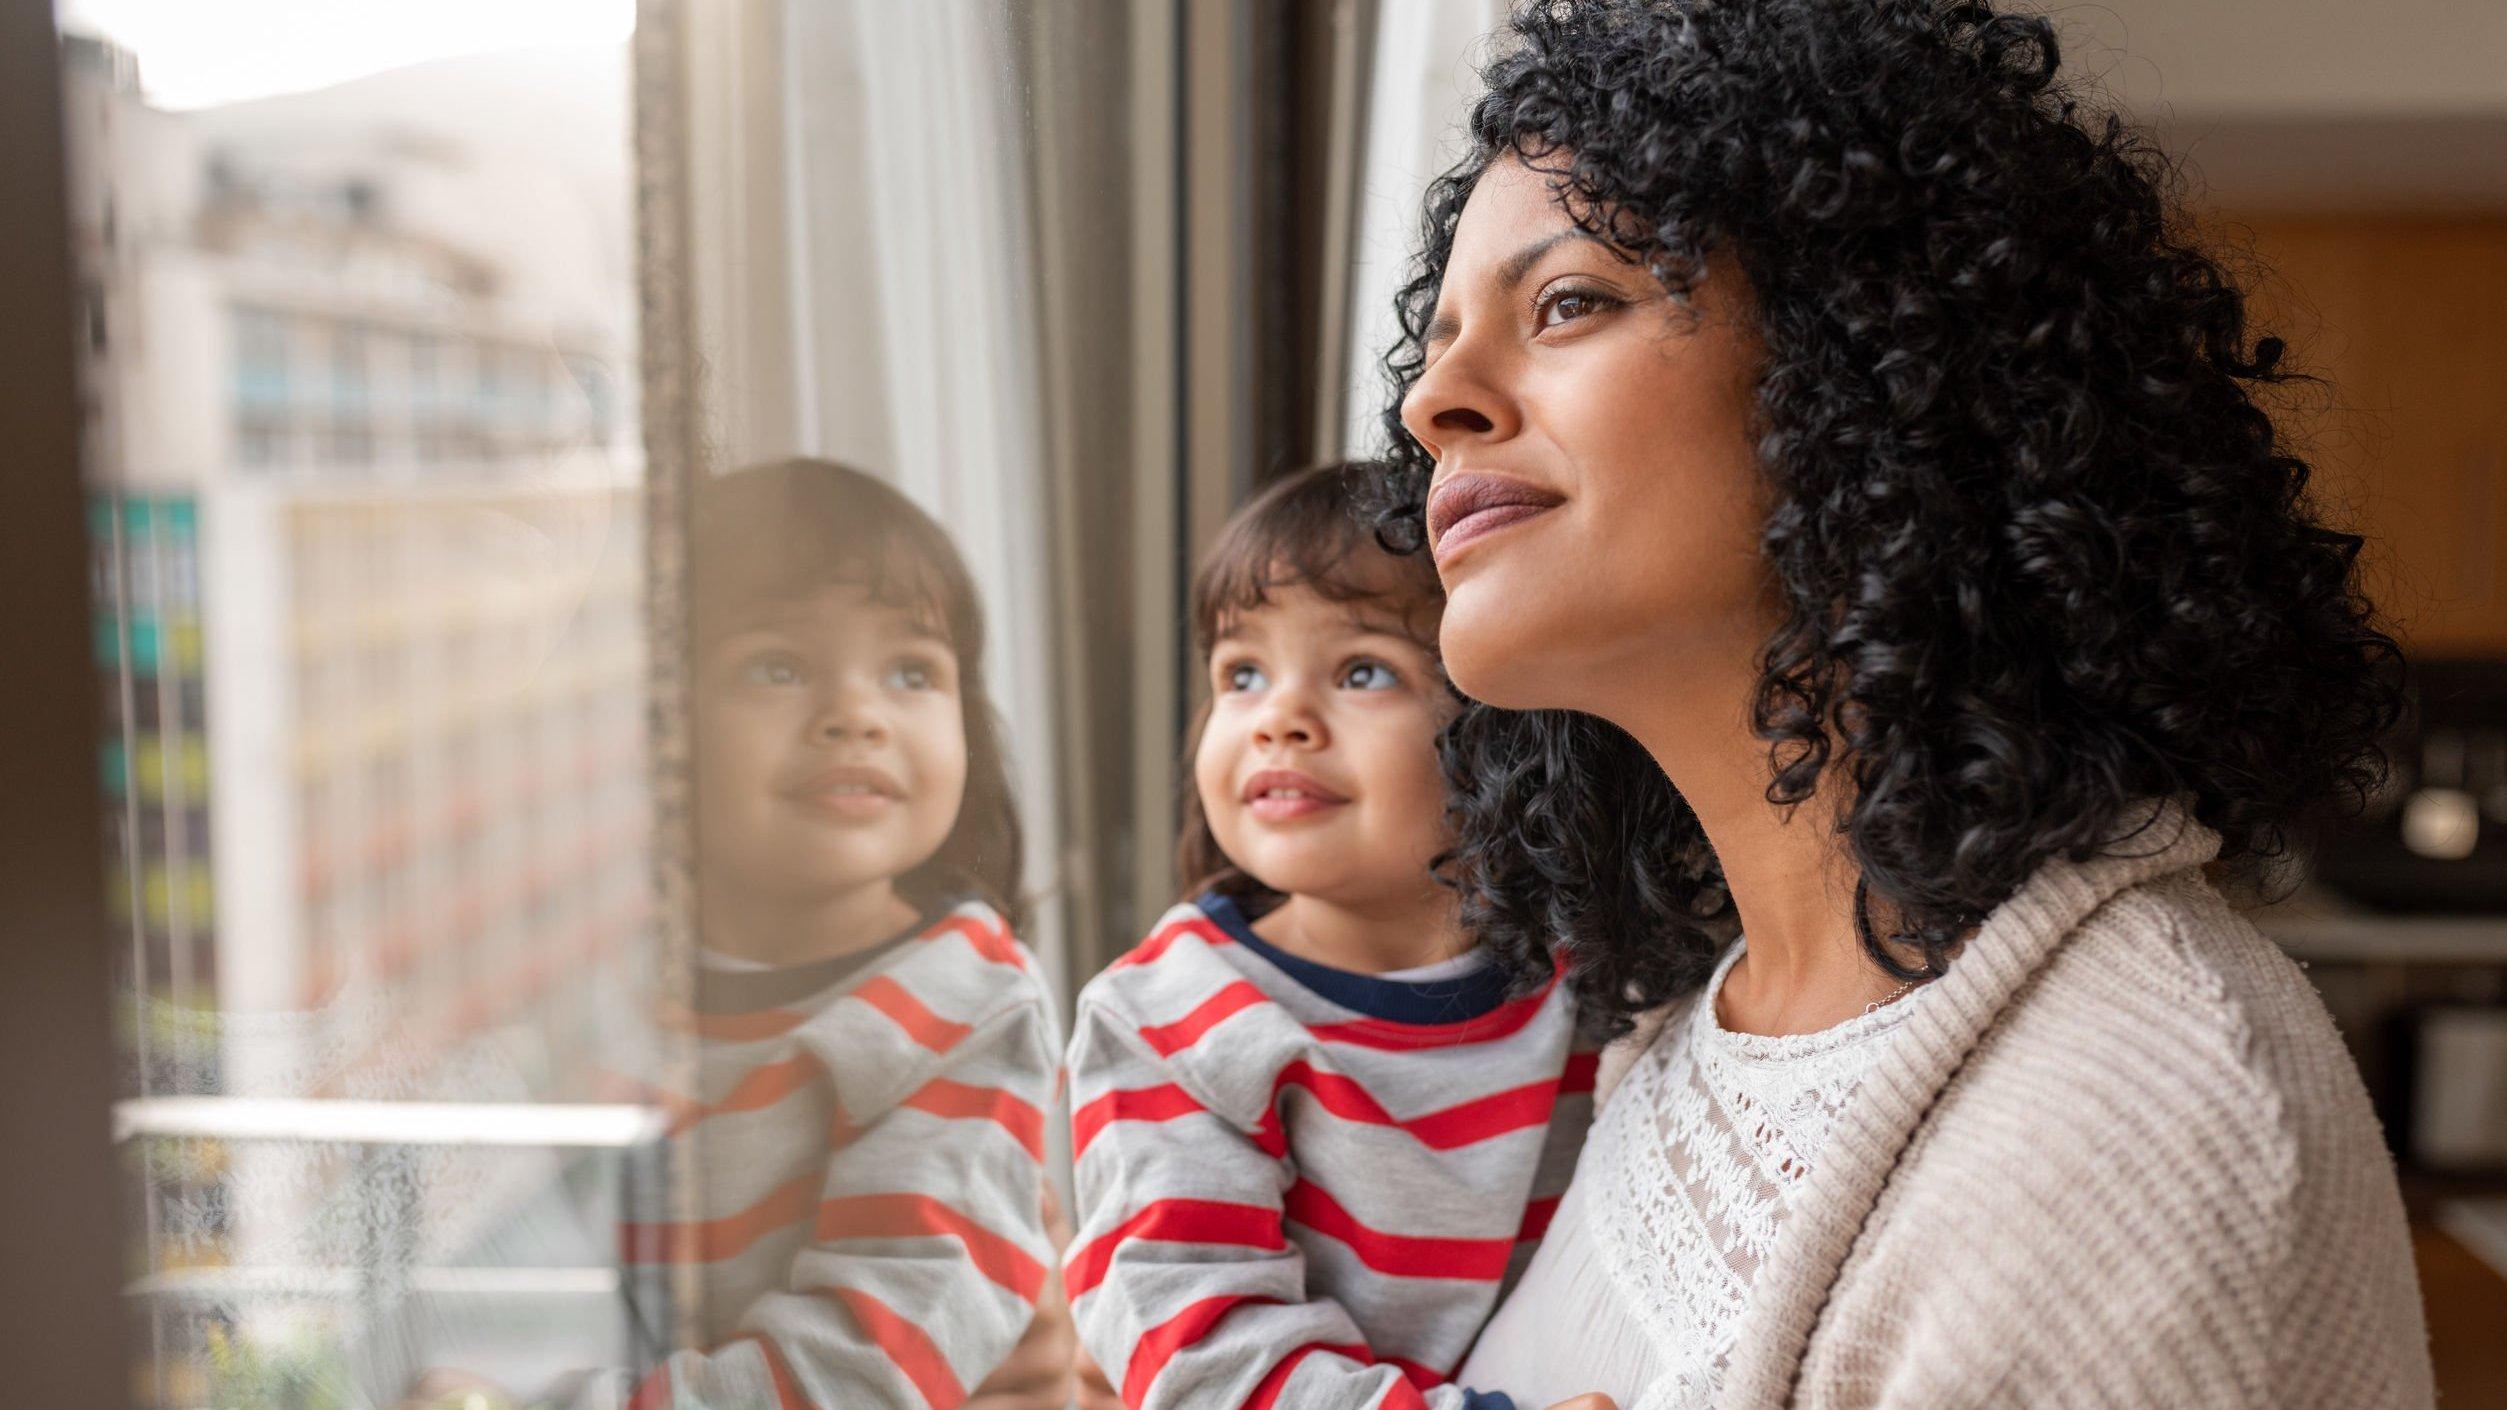 Mãe segurando sua filha no colo ao lado de uma janela